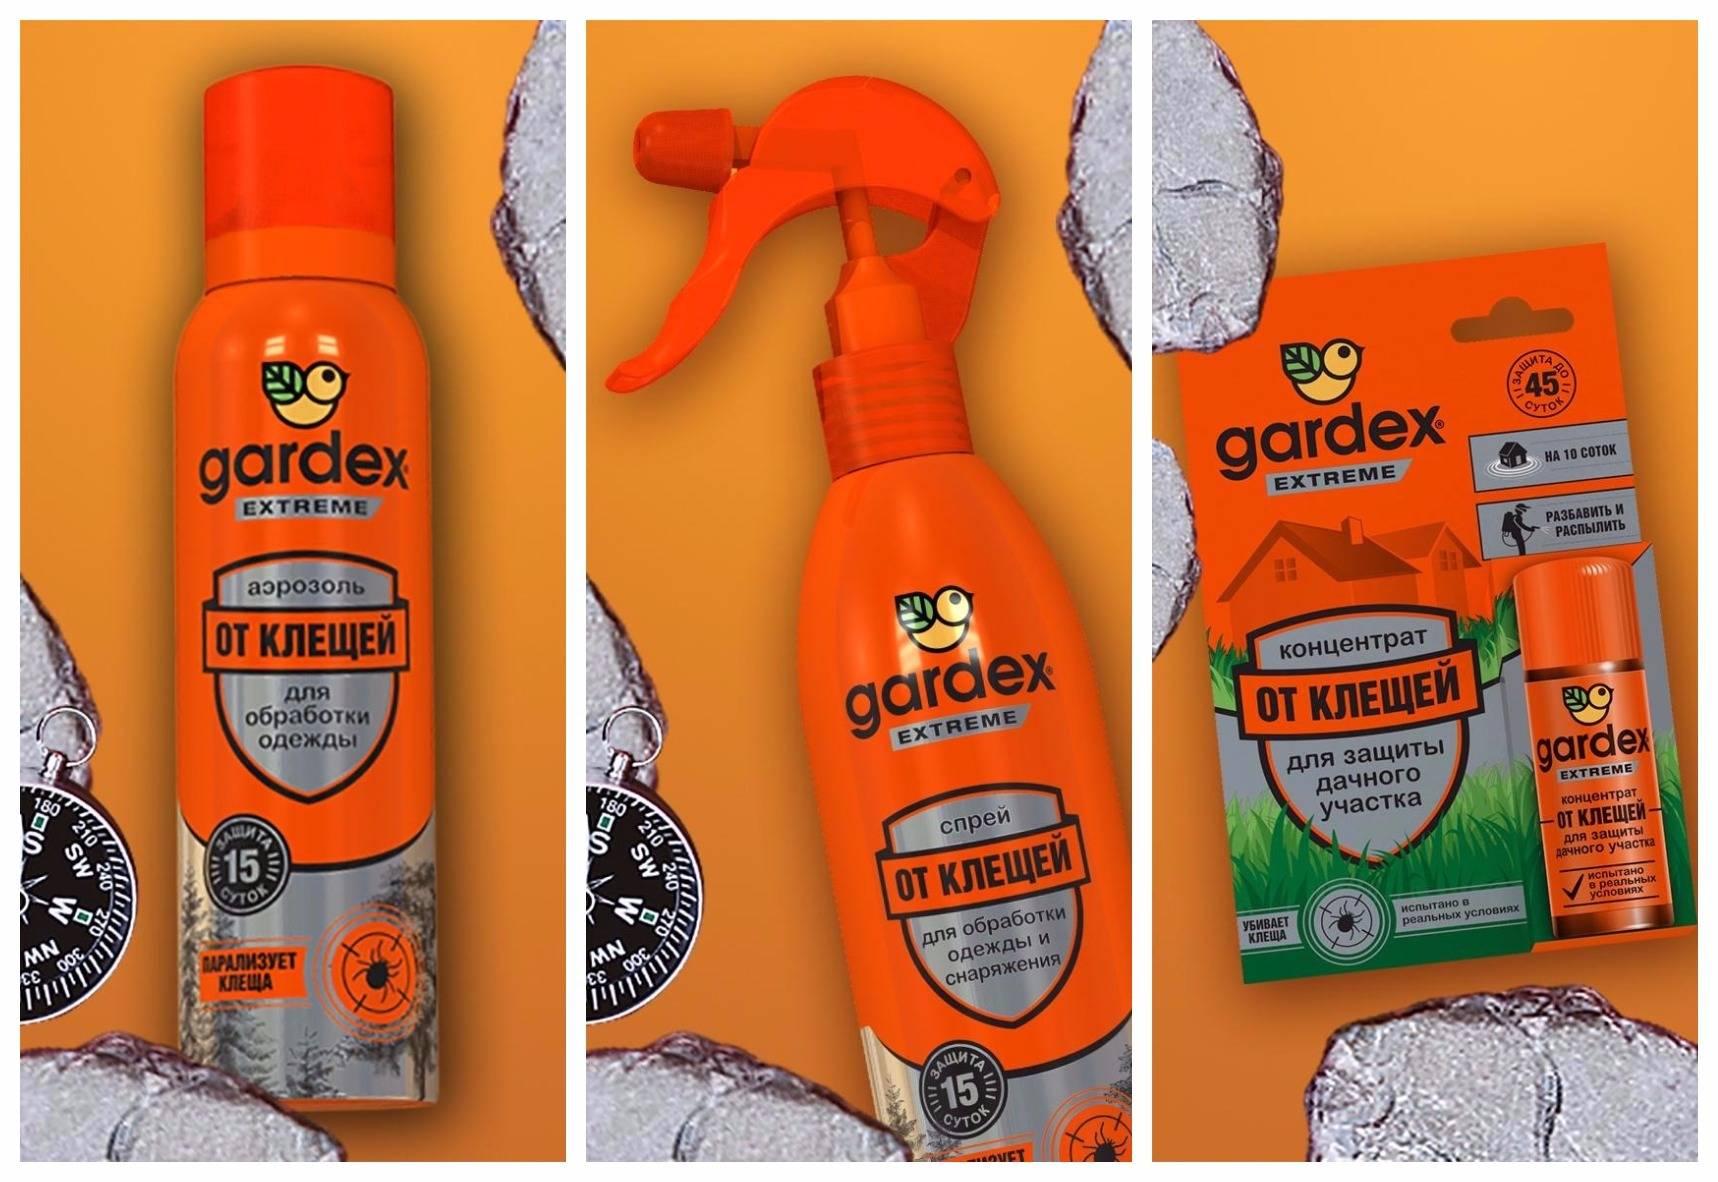 Гардекс от комаров для детей и взрослых: отзывы о средстве gardex, особенности применения